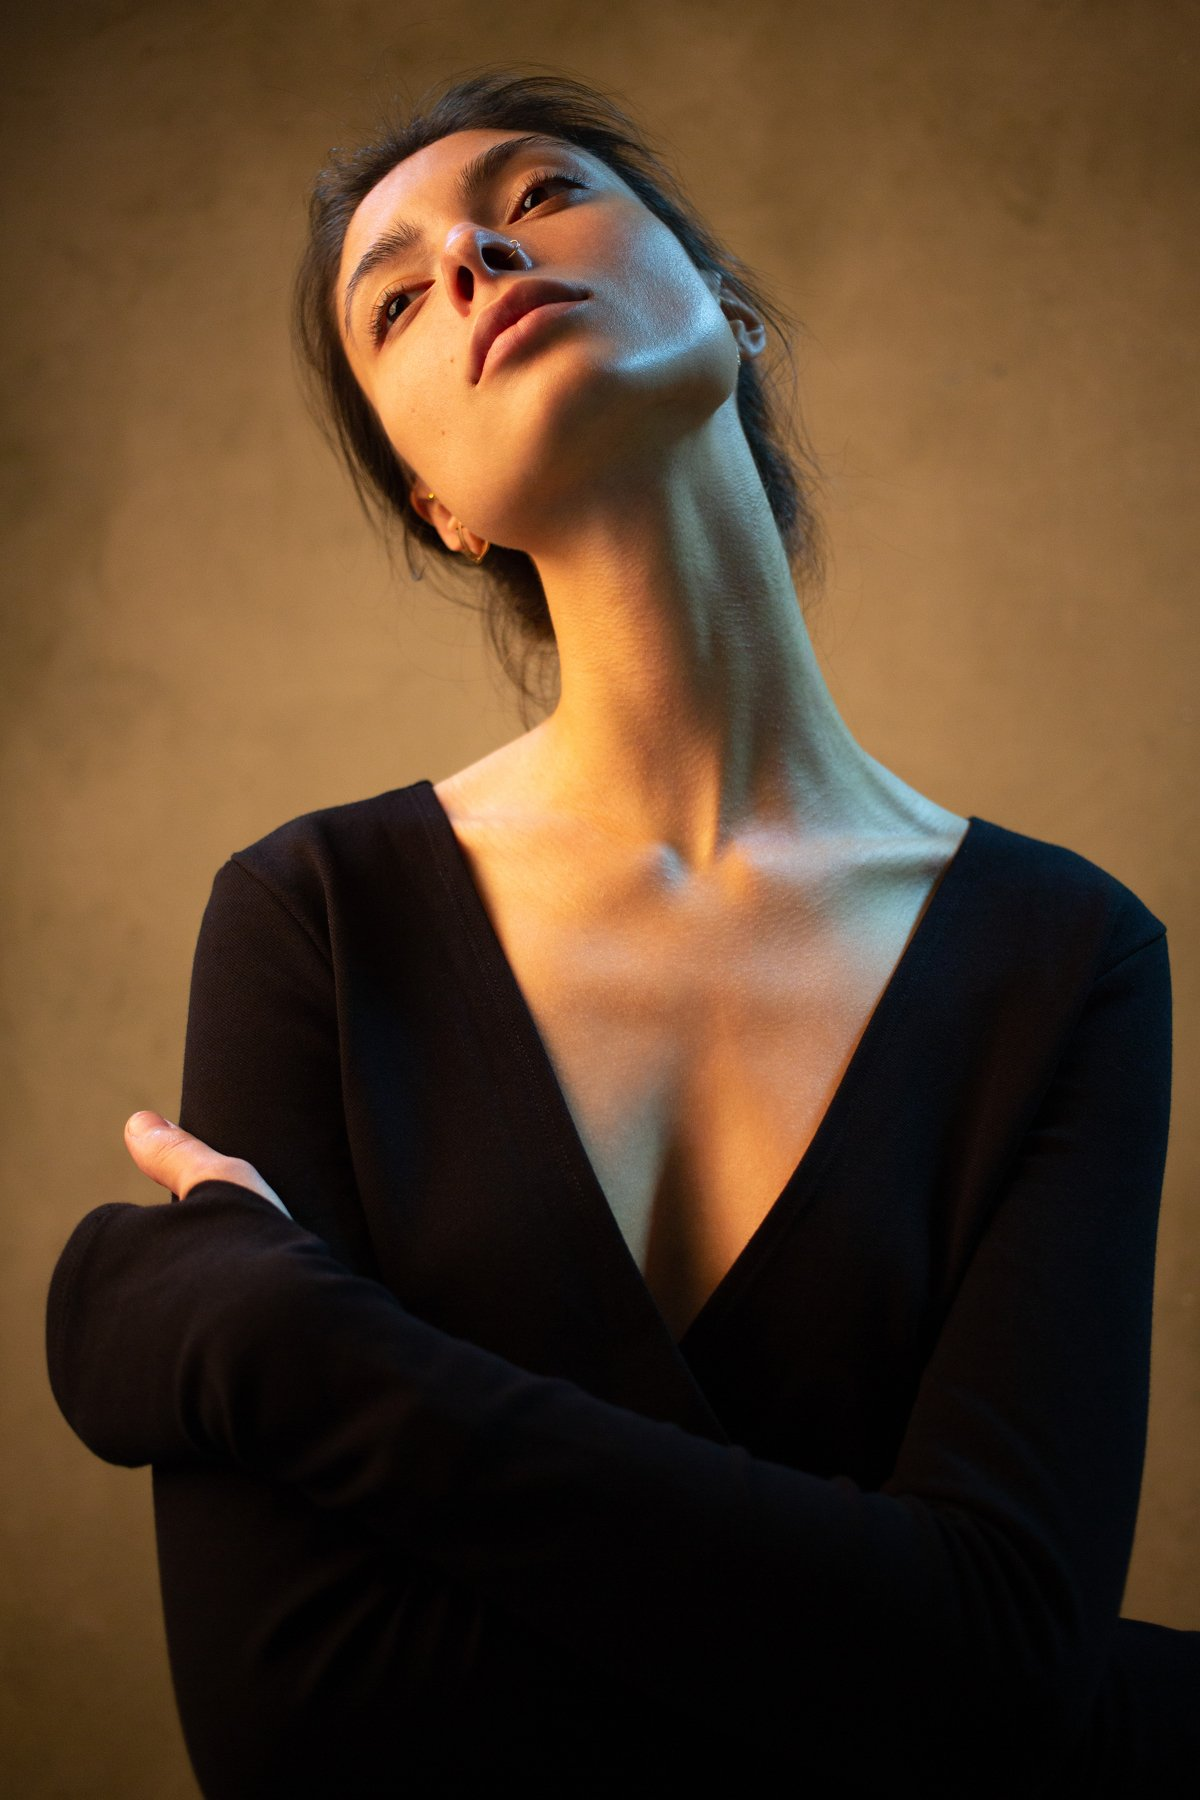 портрет девушка свет тёплый фон шея мечты отдых , Сергей Скибин Арт16